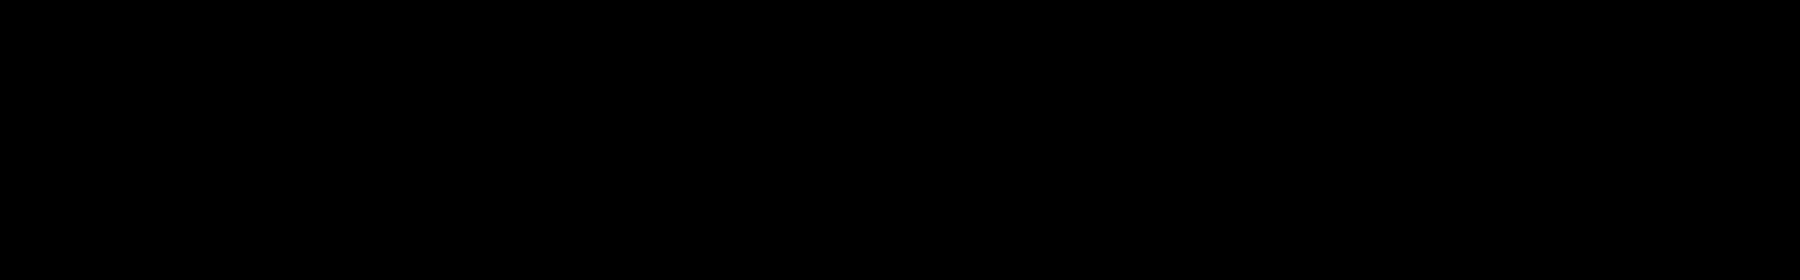 Continuum audio waveform